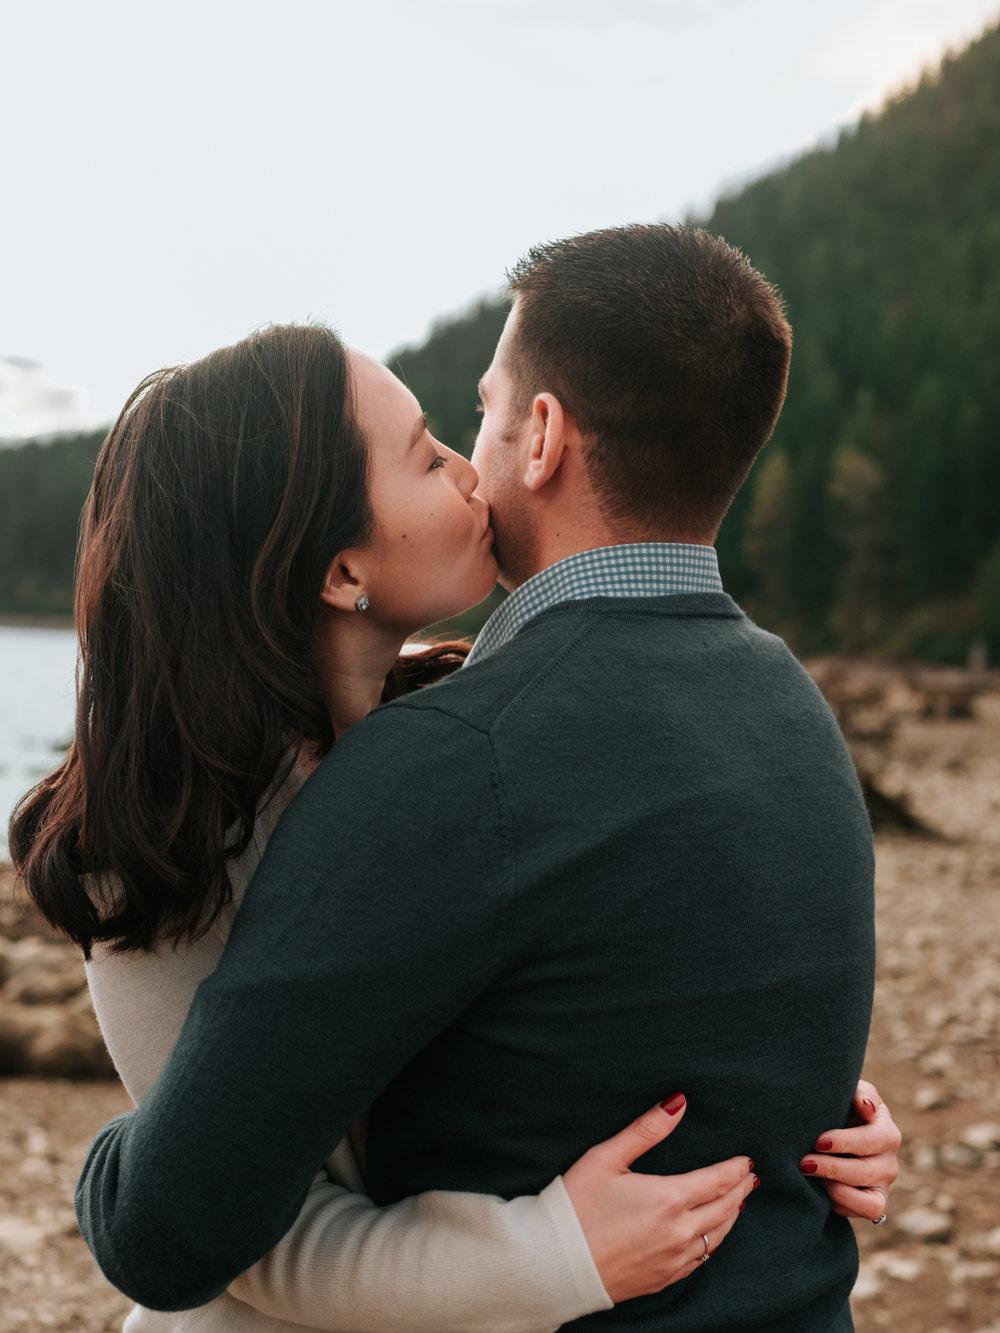 Seattle Engagement Photographer_Stolen Glimpses 48.jpg